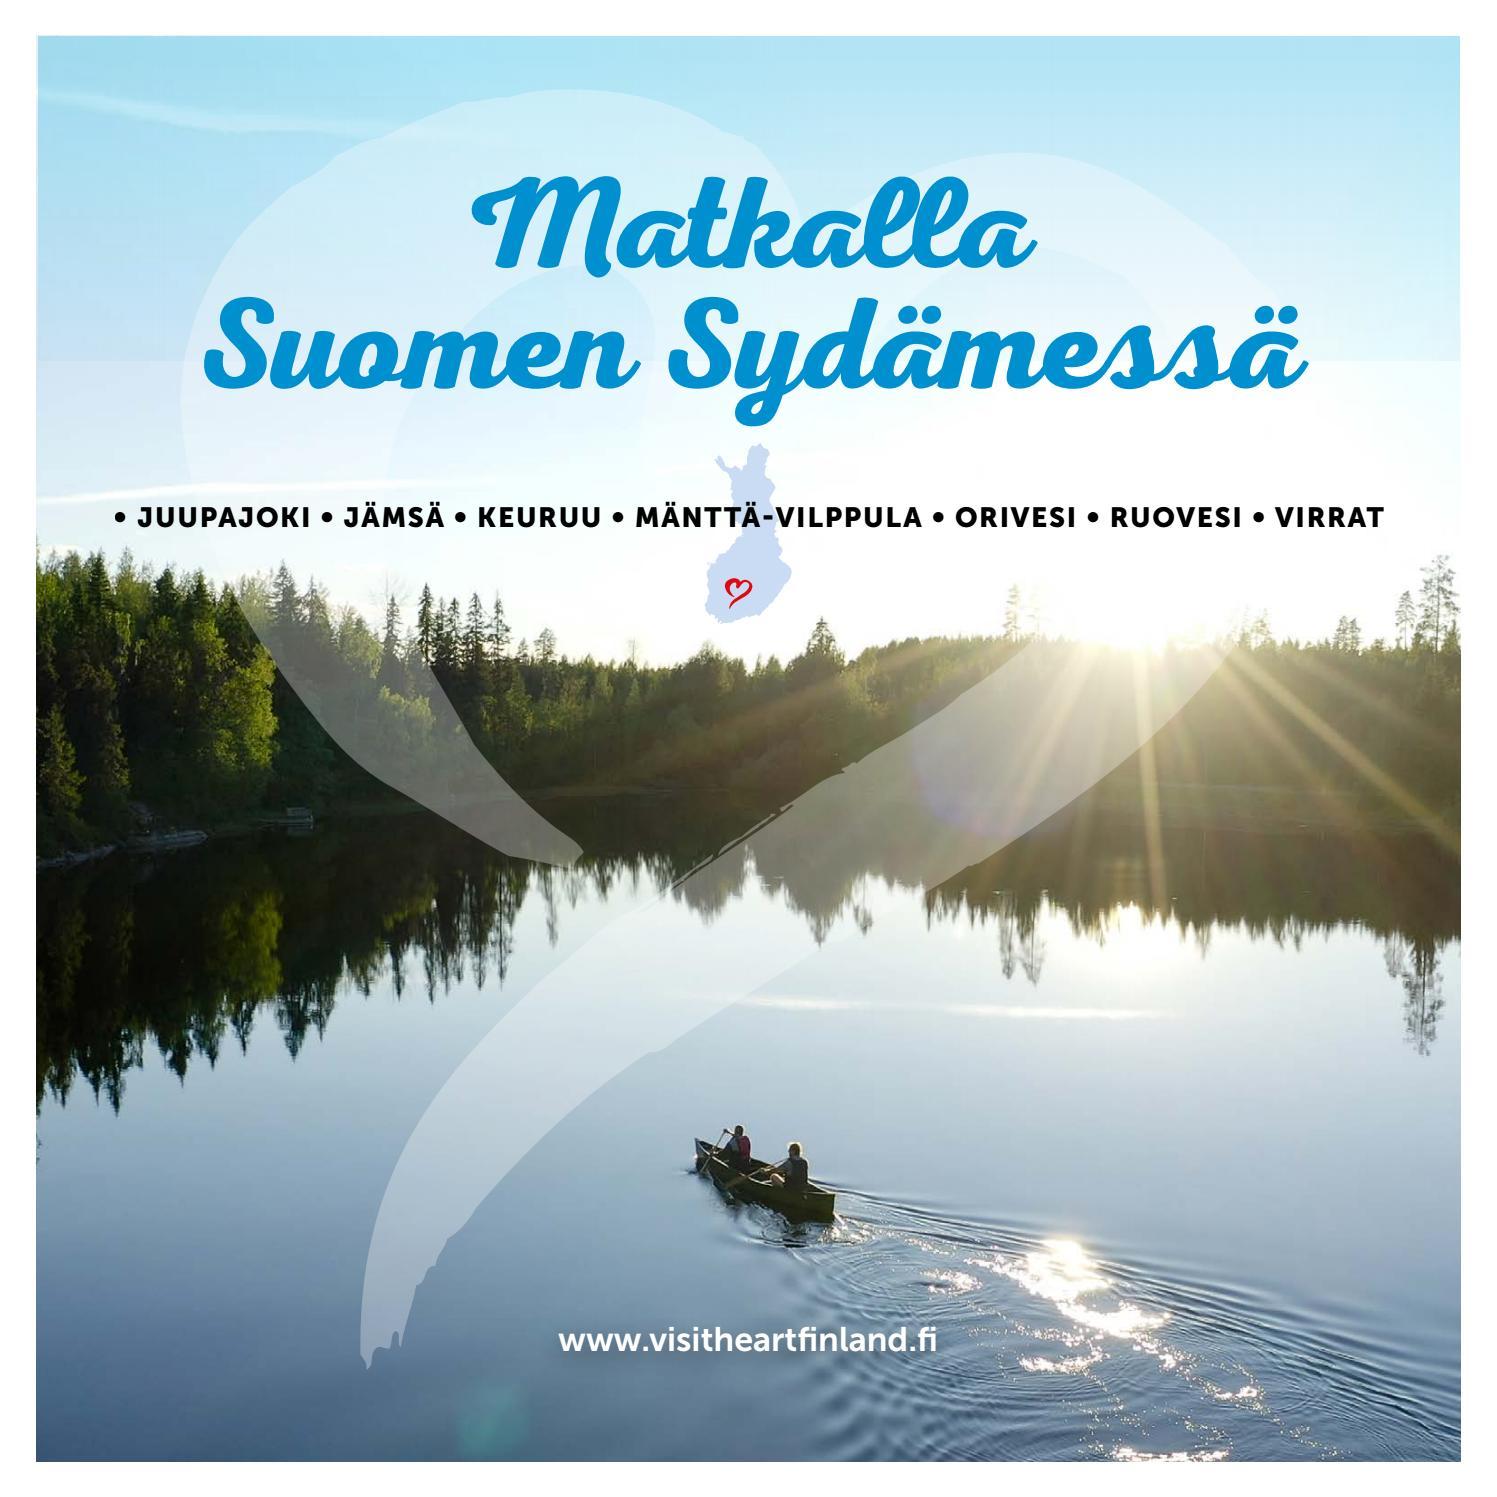 Matkalla Suomen Sydamessa By Lukemisto Issuu